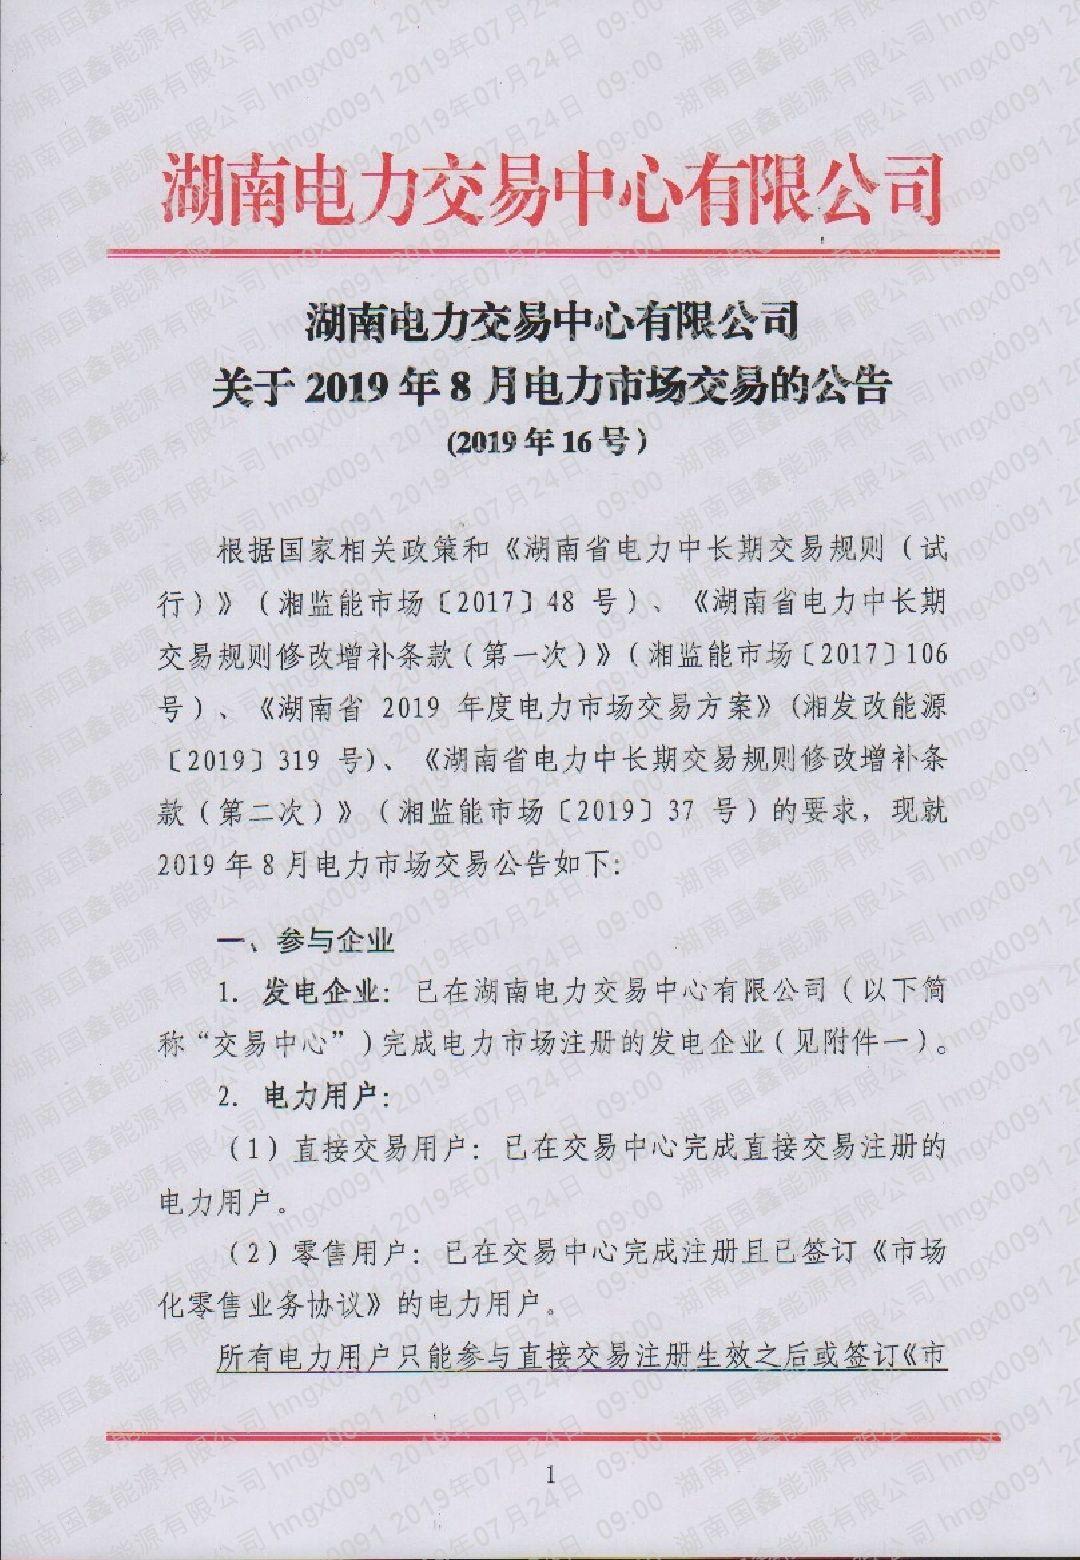 2019年8月湖南電力市場交易的公告(2019年16號).pdf_page_1_compressed.jpg